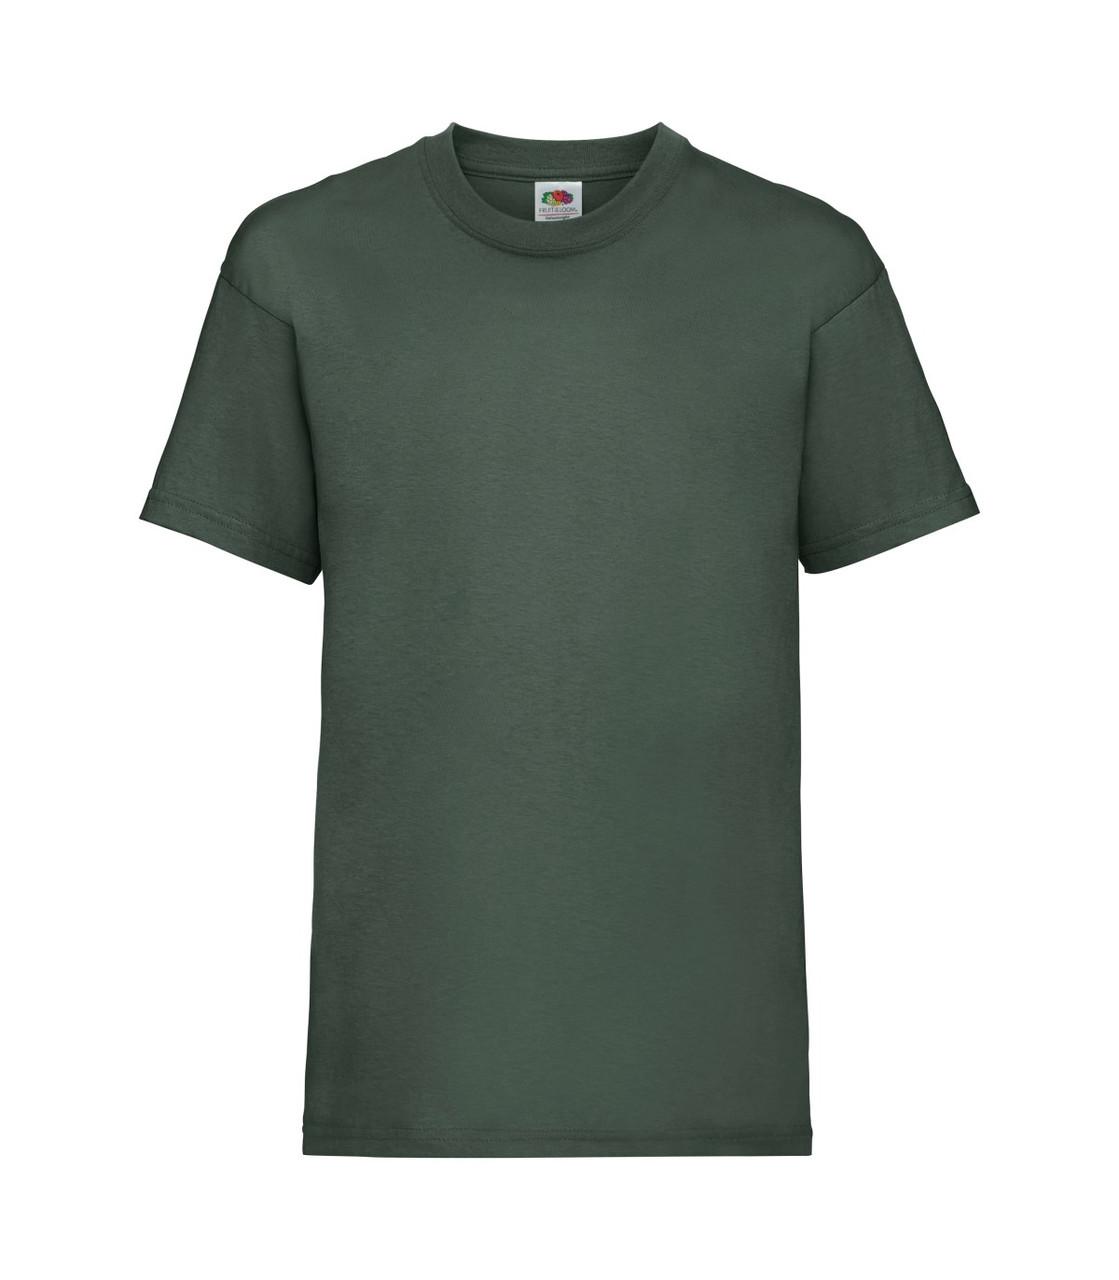 Футболка для мальчиков однотонная темно-зеленая 033-38